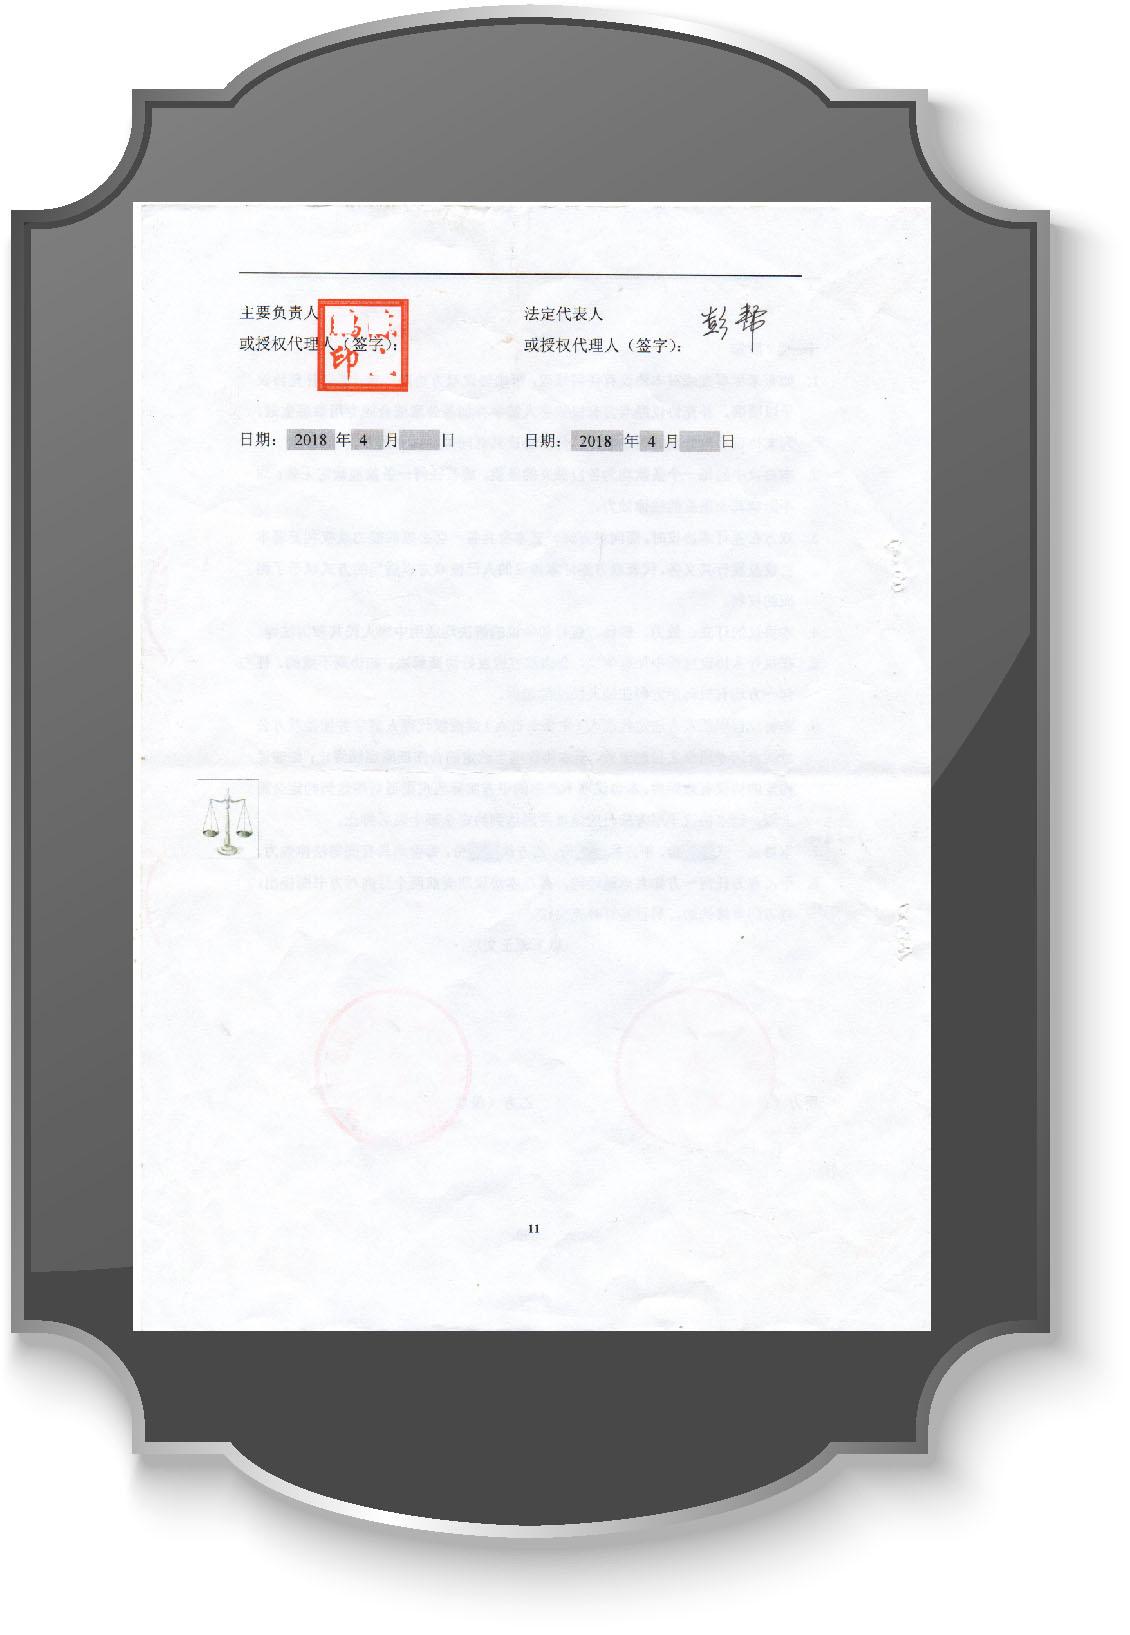 民生银行合同003副本.jpg